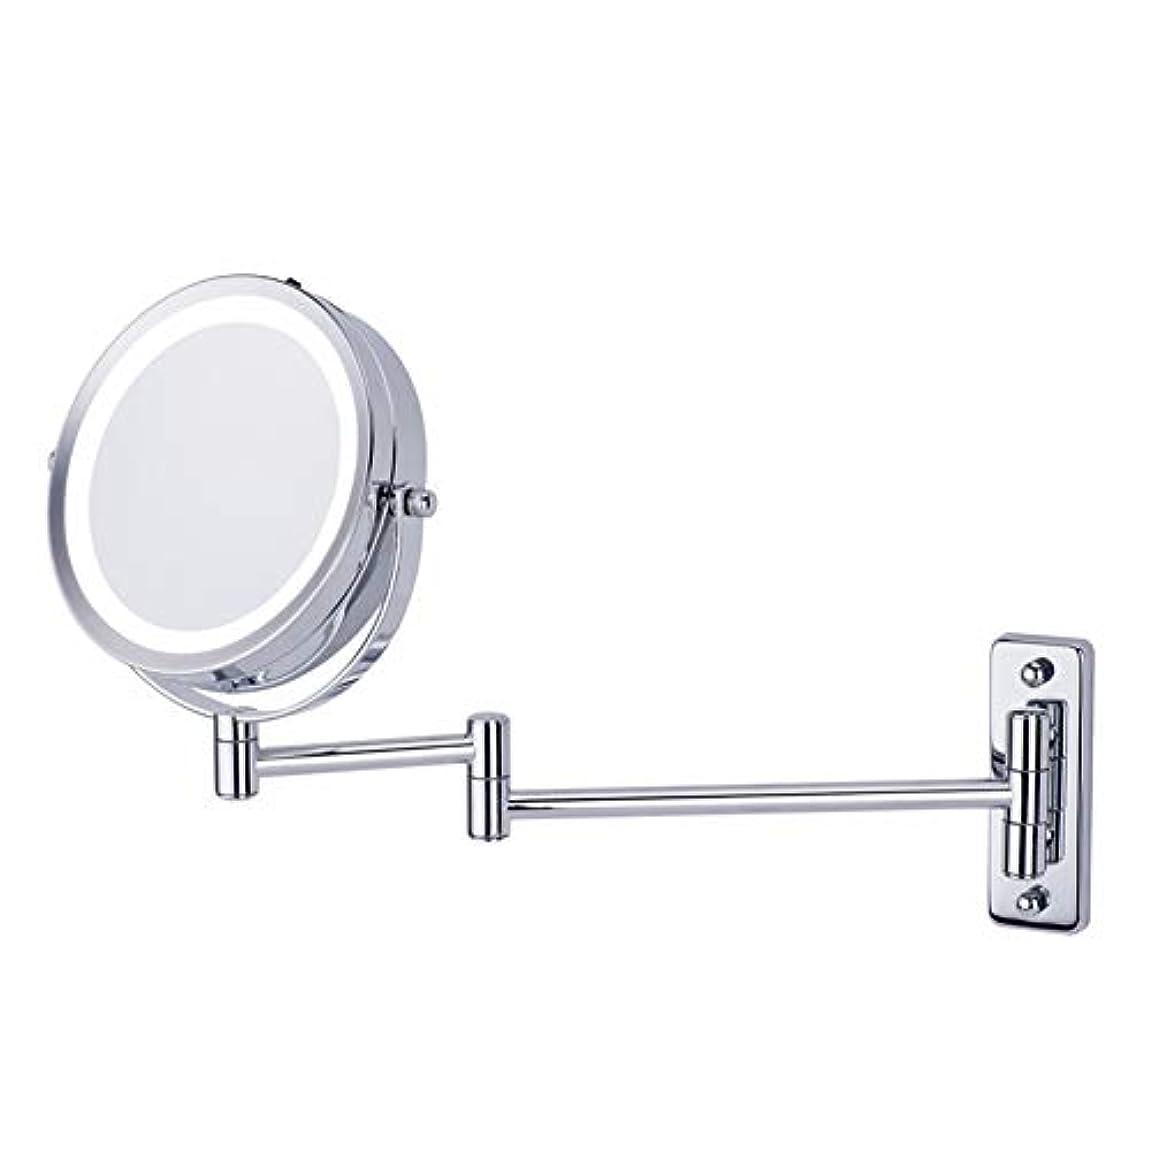 発明混合したバレエCatChi 壁付けミラー 両面化粧鏡 折りたたみ 5倍拡大鏡 LED 女優ミラー 360度回転 メイク道具 洗面所 お風呂用 アームミラー